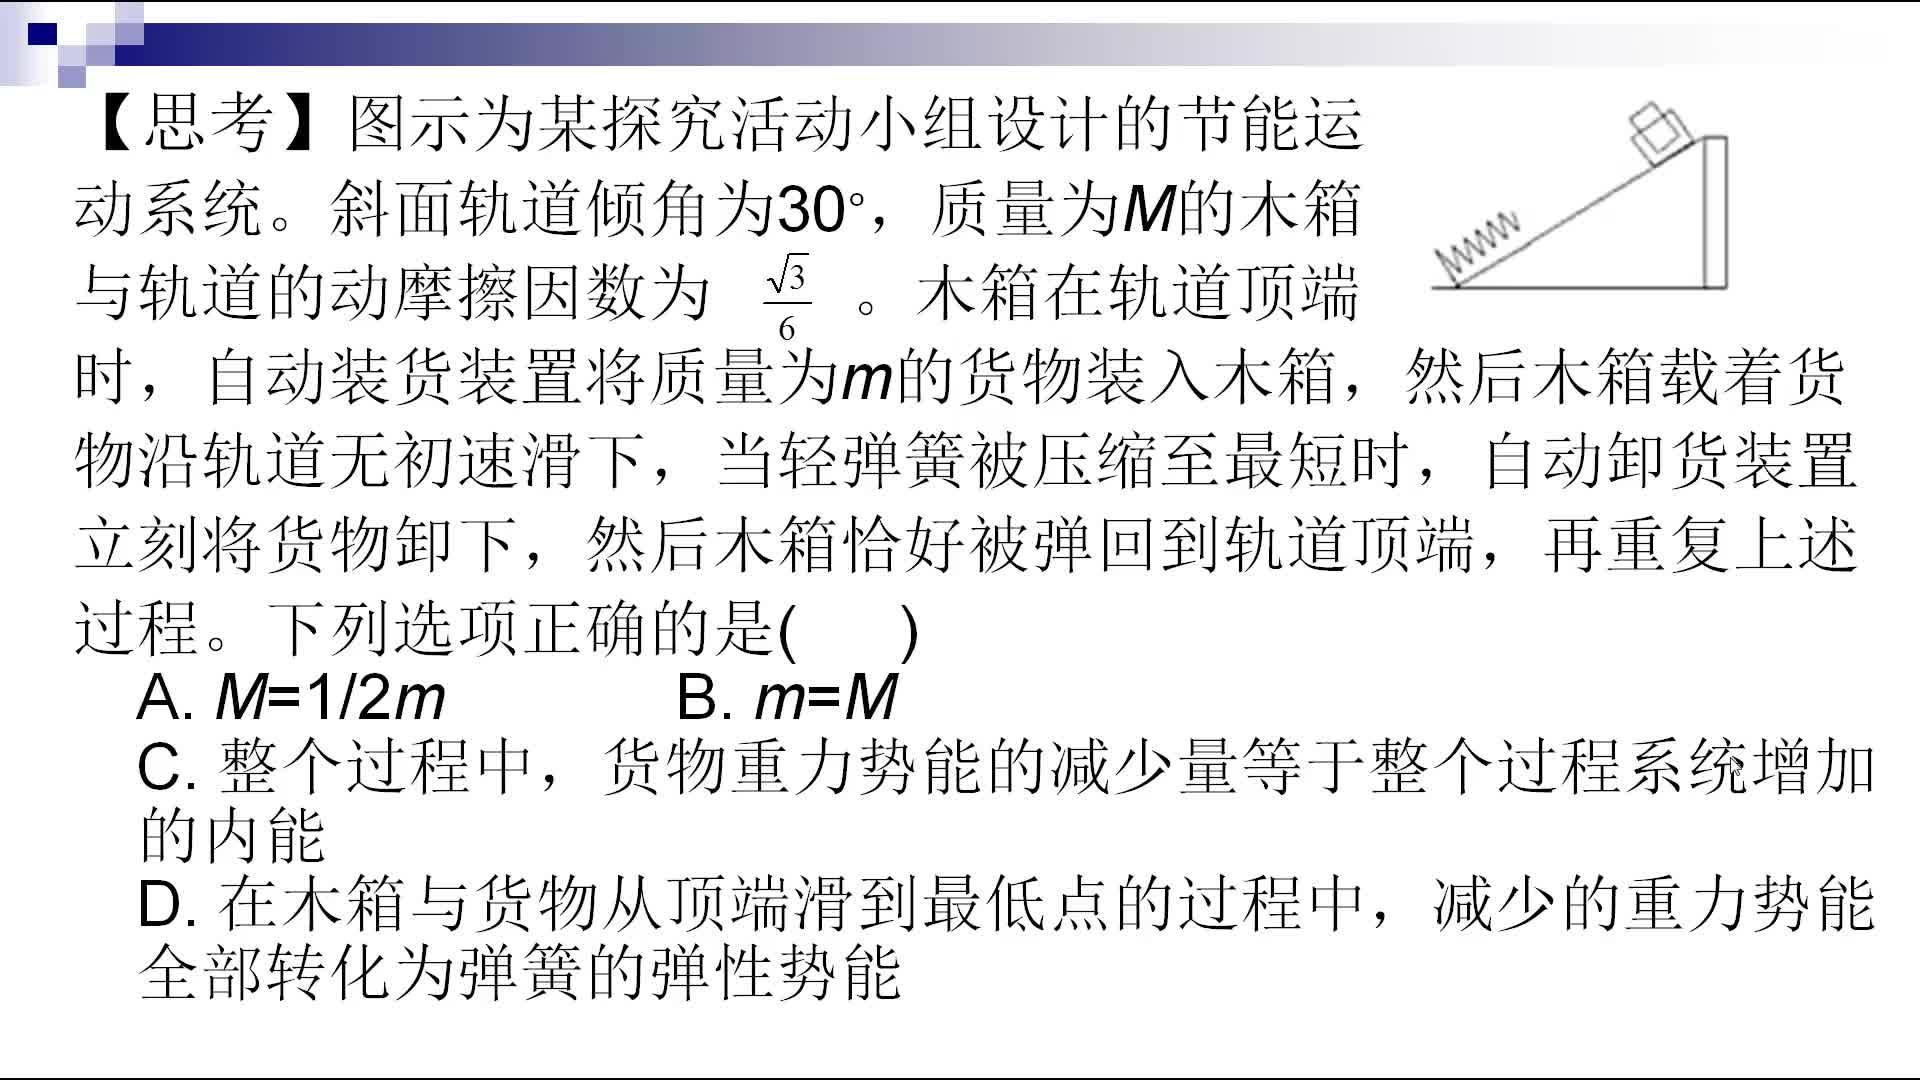 人教版高中物理必修二 7.7动能定理-恰好弹回到顶端(机械能守恒定律难点辨析)(视频微课堂)